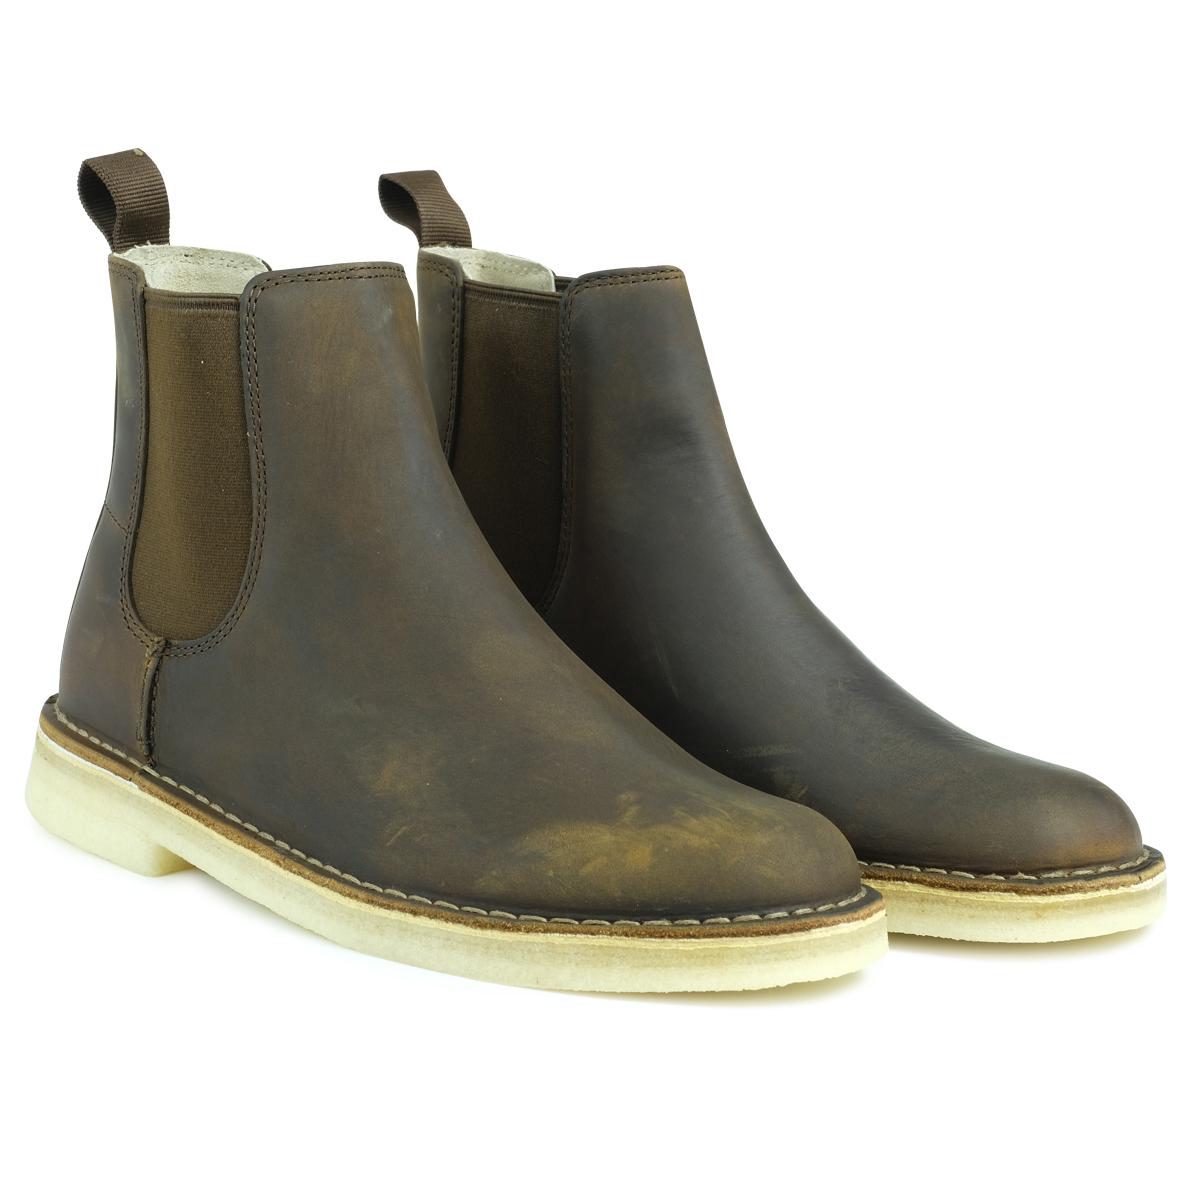 155c6dd3b89 26128732 Clarks DESERT PEAK dessert peak boots men zouk Lark's side Gore  shoes brown